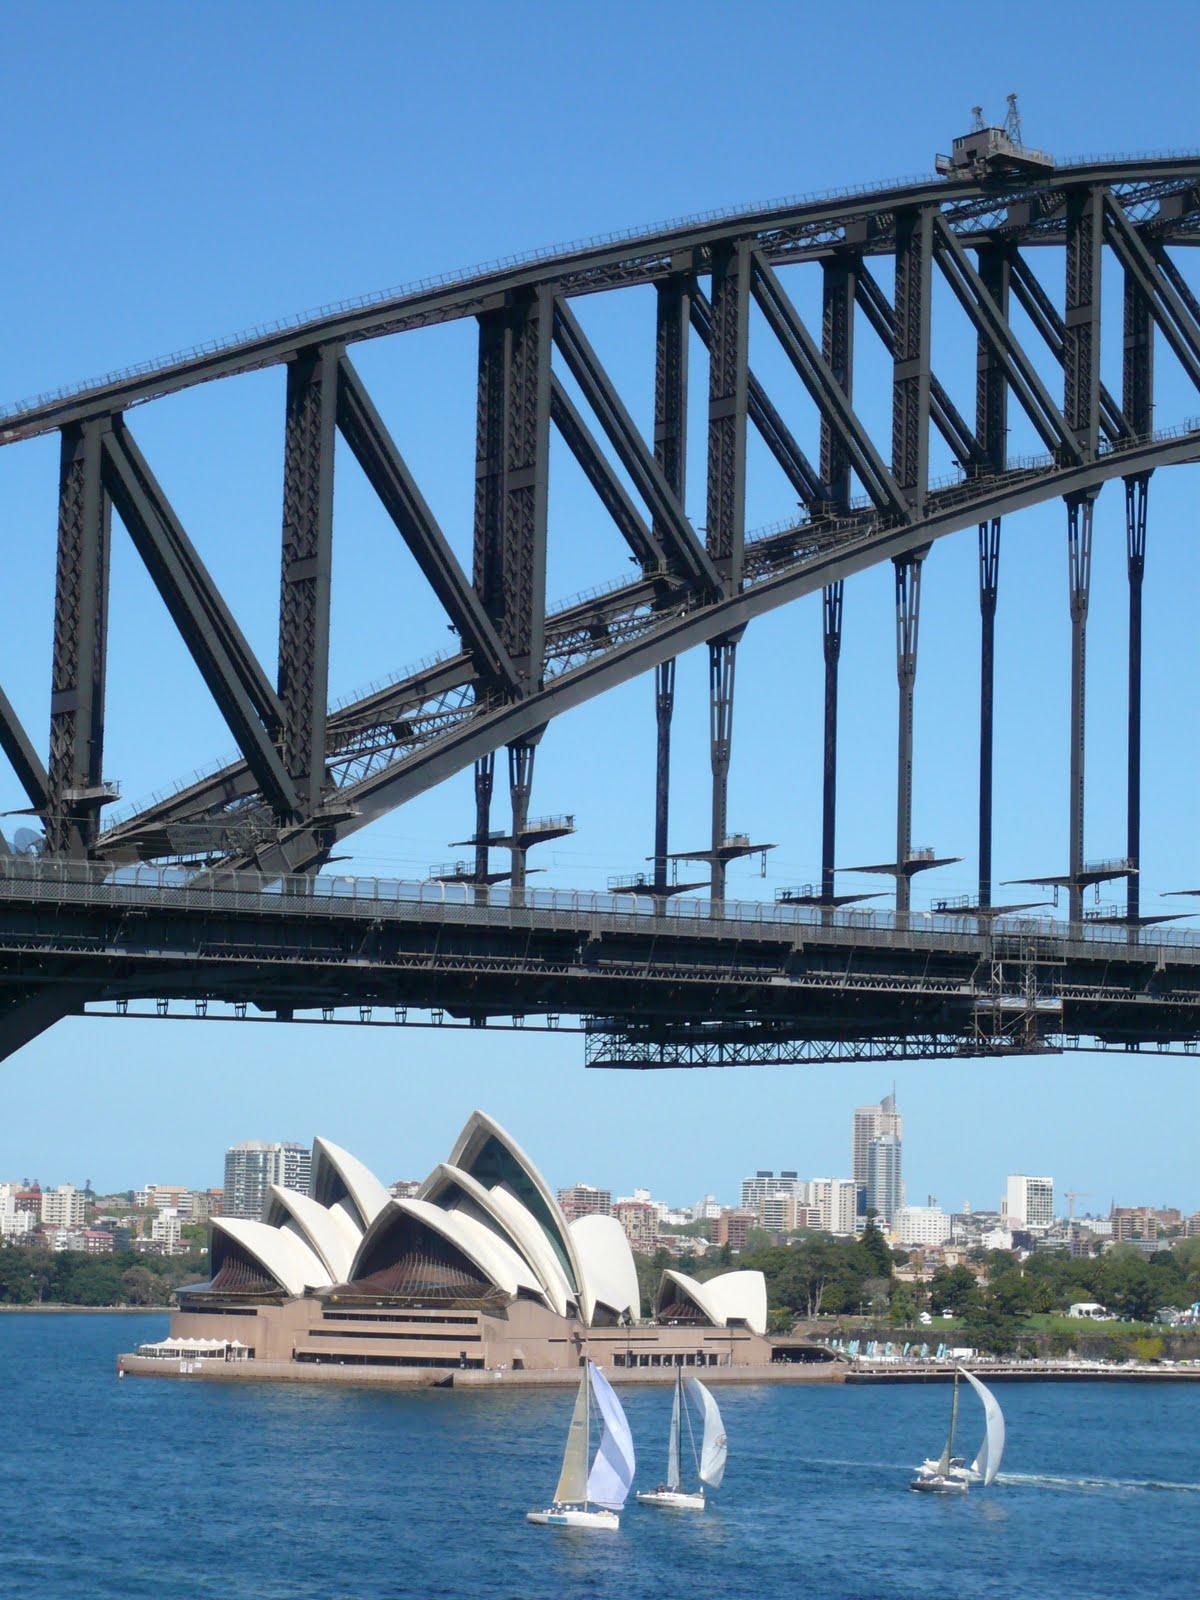 http://1.bp.blogspot.com/_VZ43sInmxQI/TJBP_EHCGNI/AAAAAAAAA0c/mWDl-7xvMGo/s1600/Sydney+Icons.jpg